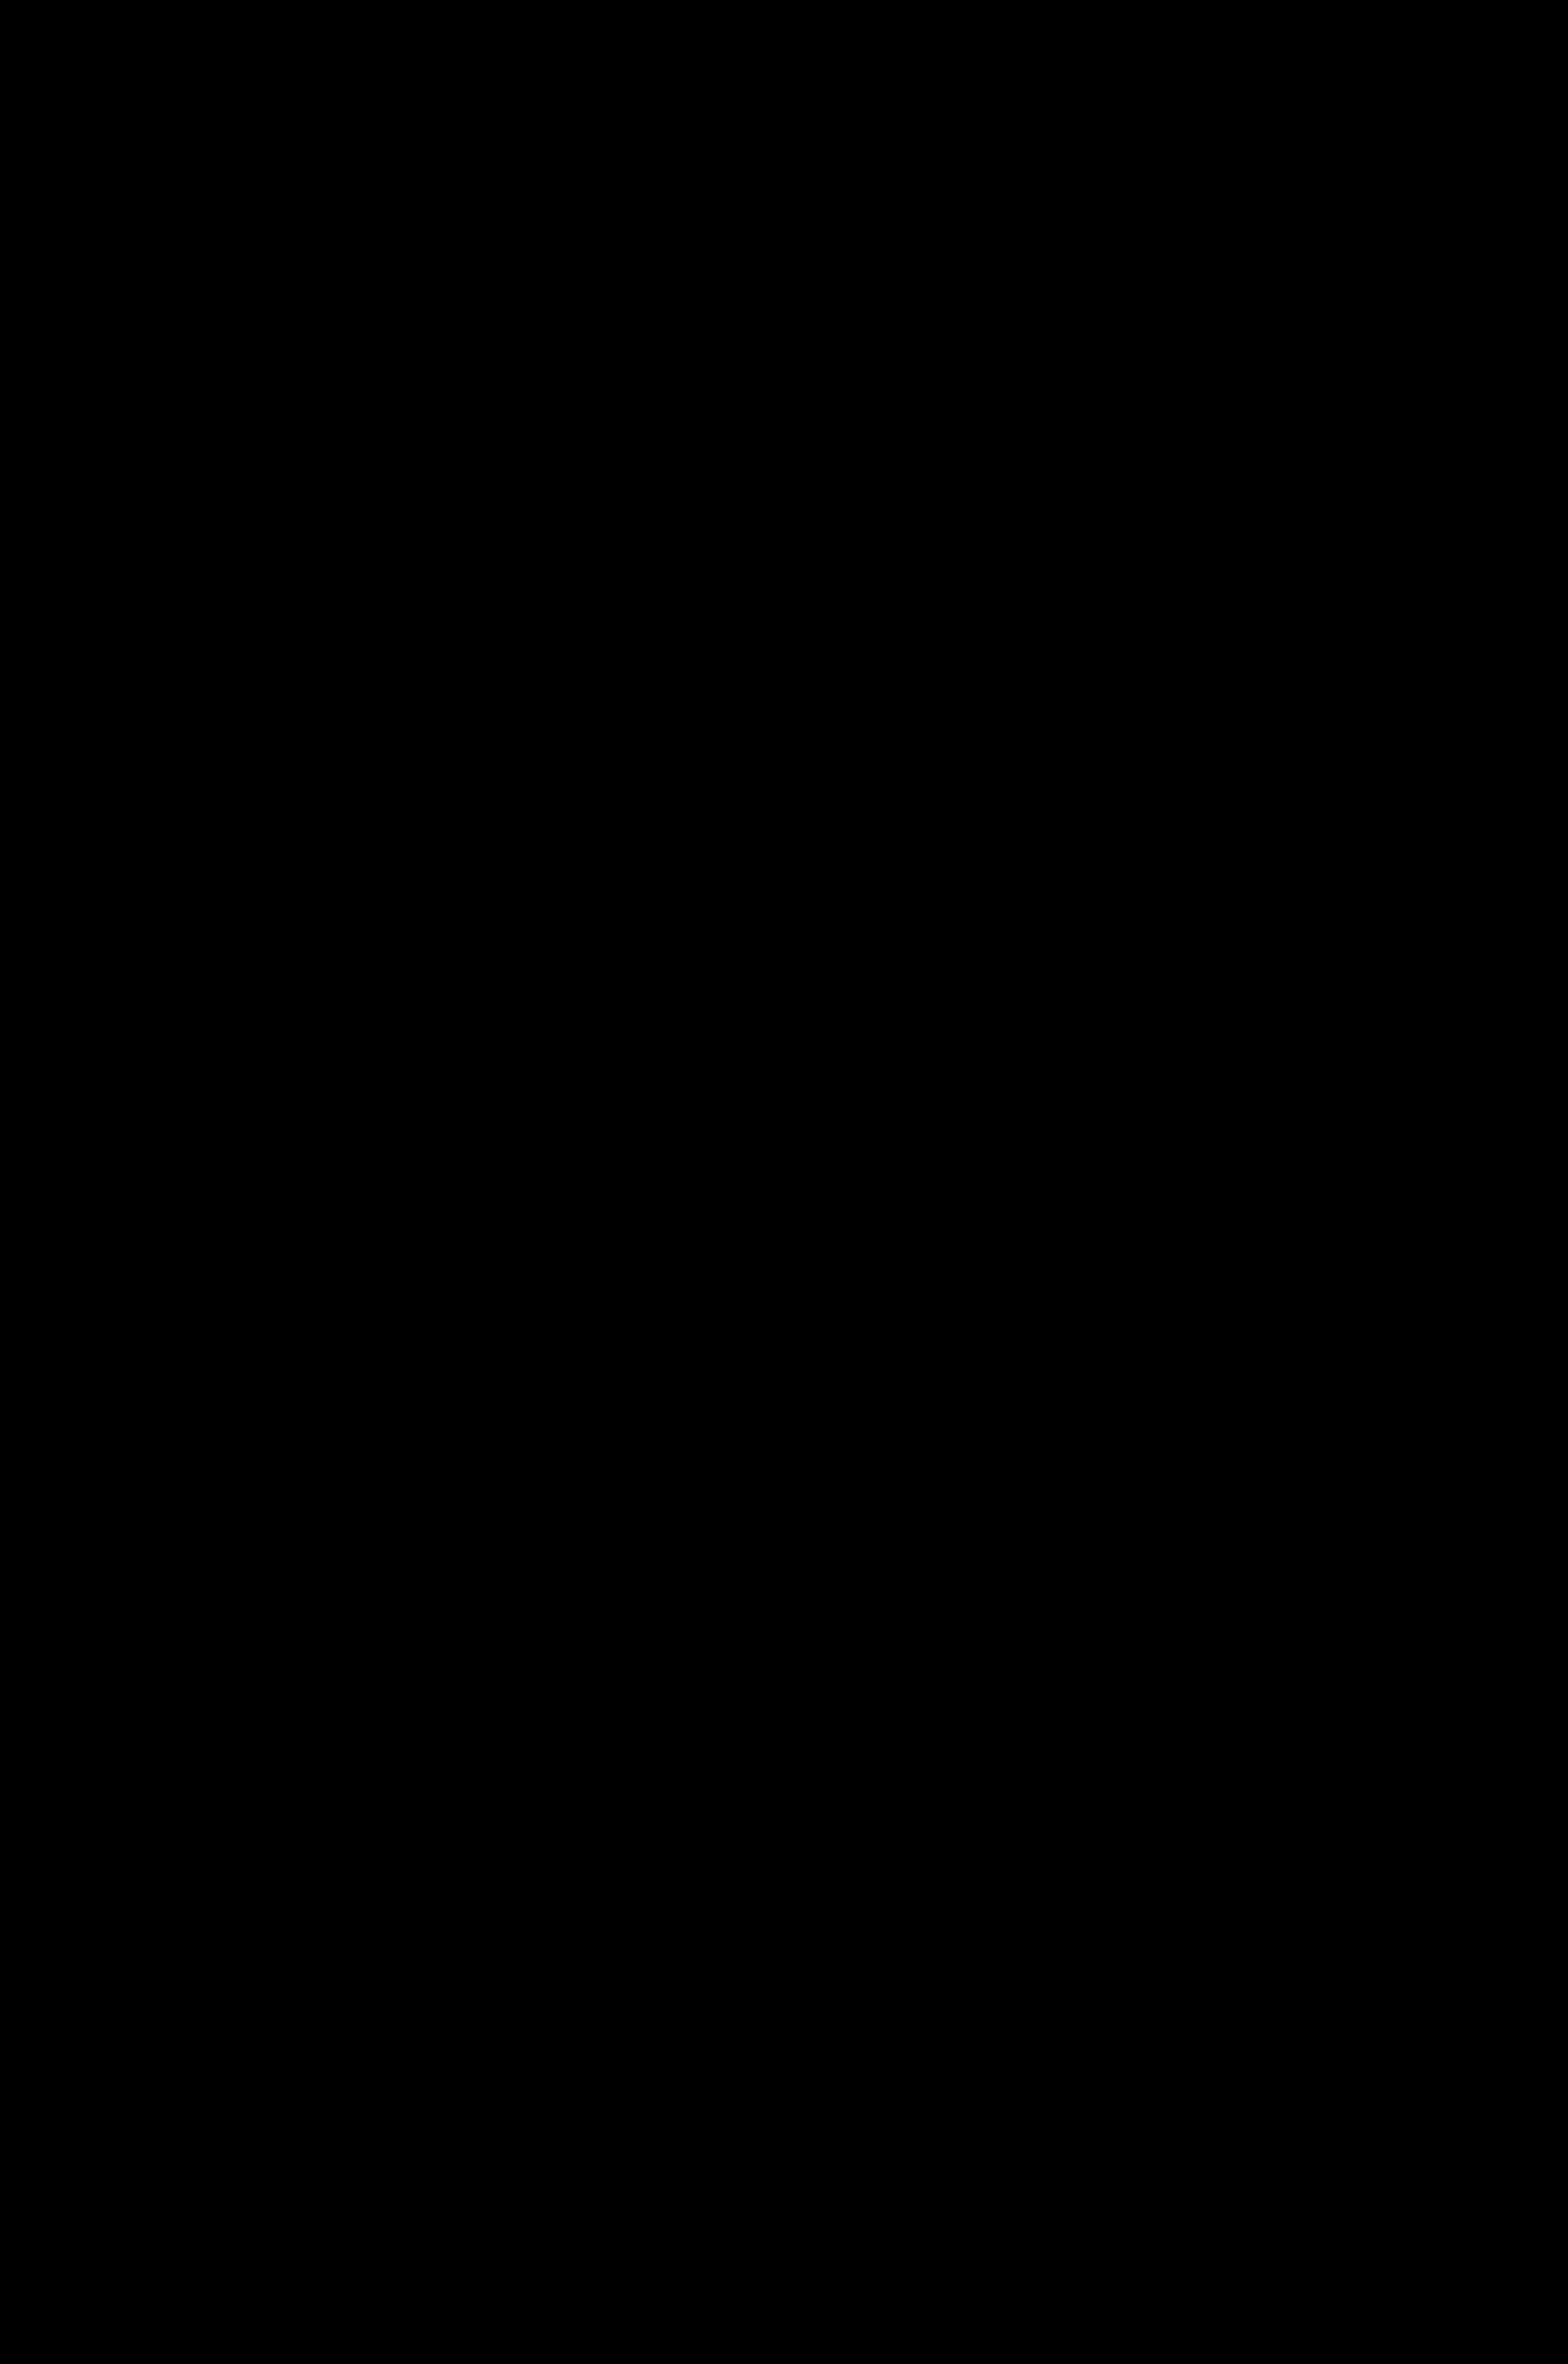 Peter MurphyPoster